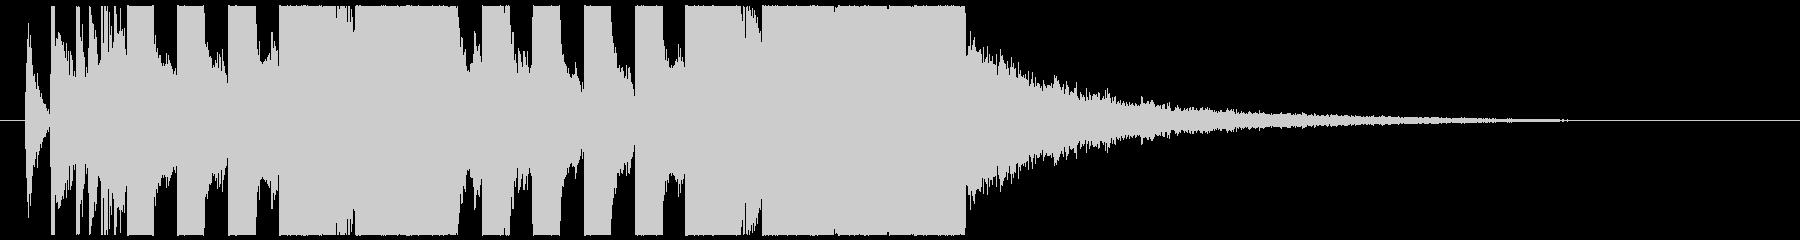 不思議なEDM ジングル TIKTOKの未再生の波形